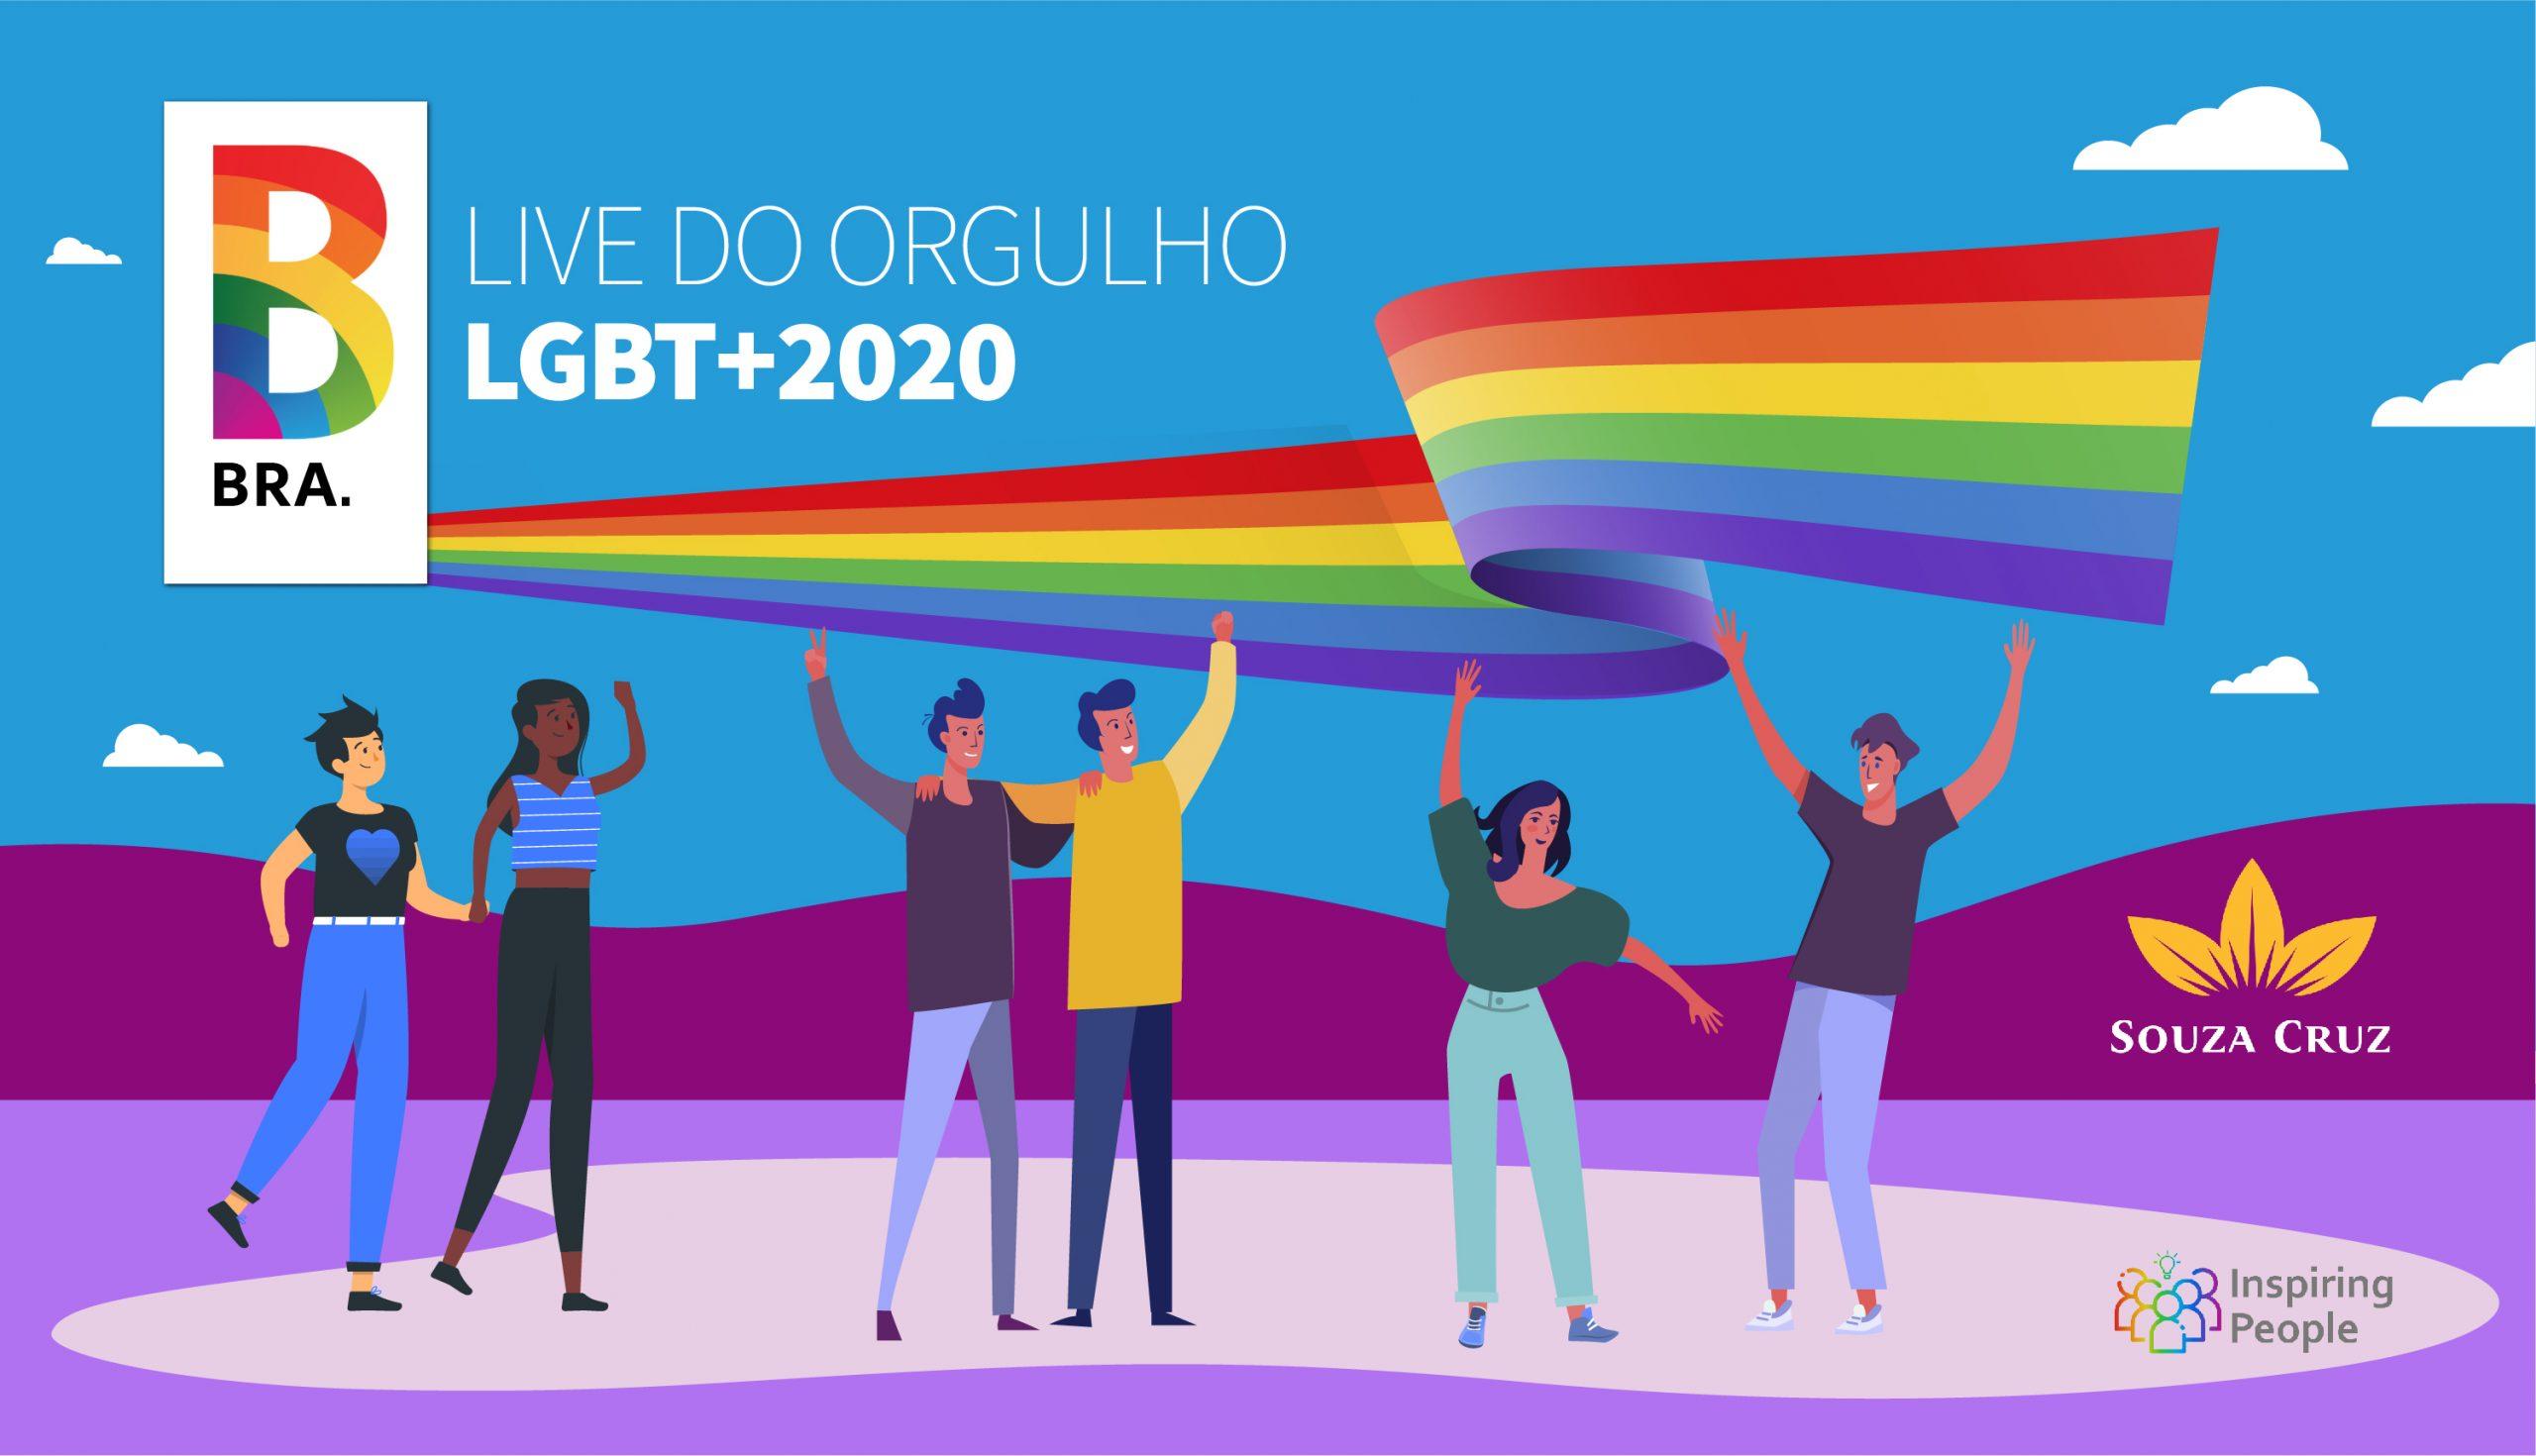 Capa_LIve_LGBT+2020